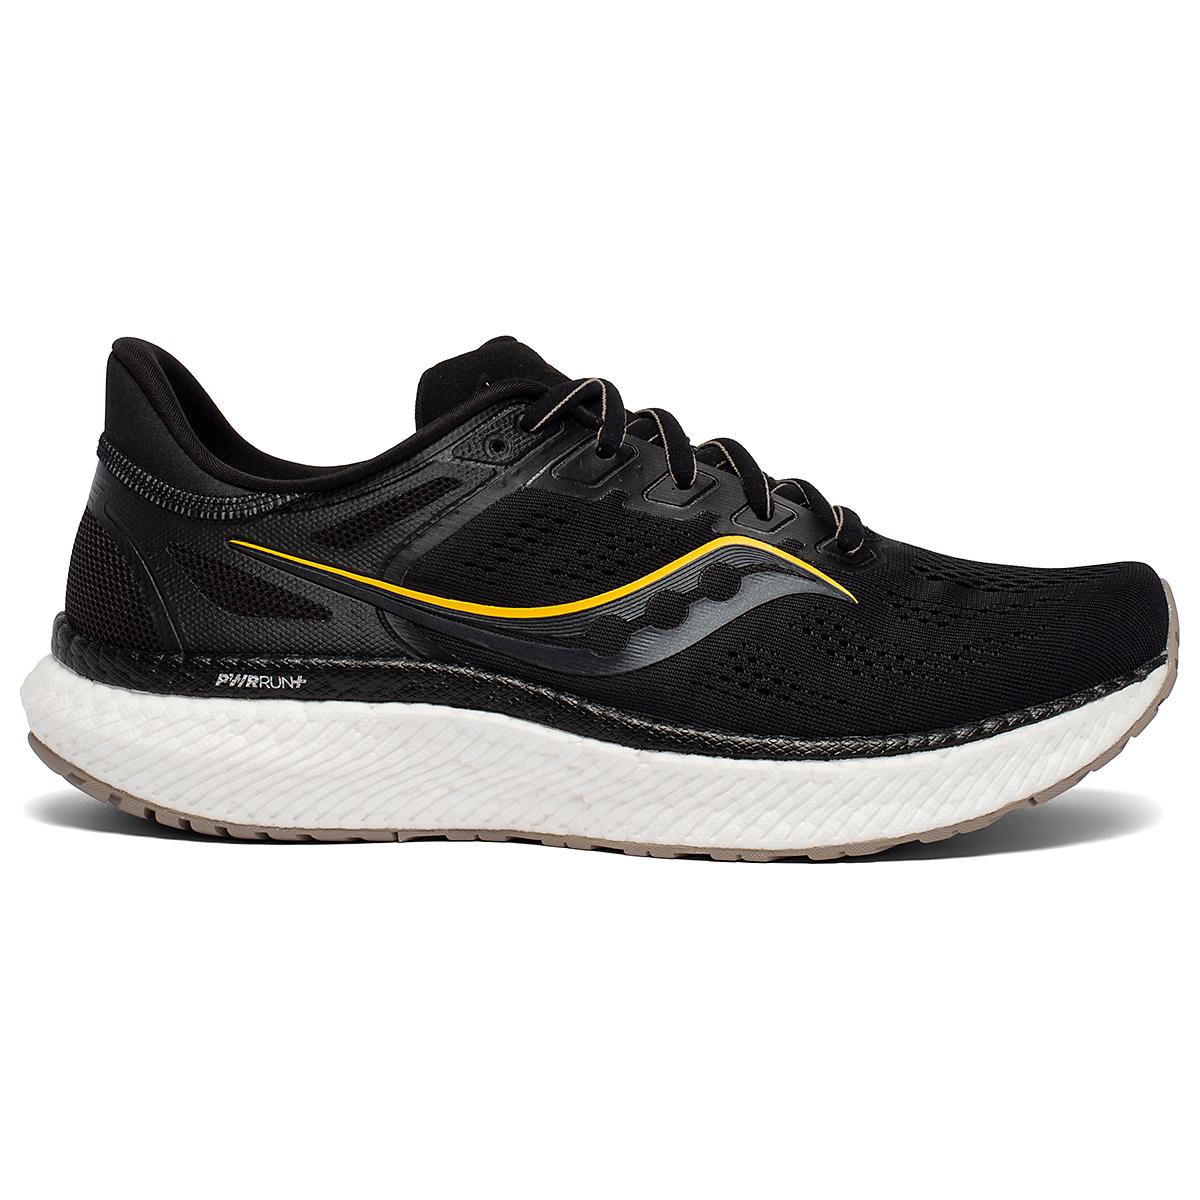 Men's Saucony Hurricane 23 Running Shoe - Color: Black/Vizigold - Size: 7 - Width: Regular, Black/Vizigold, large, image 1